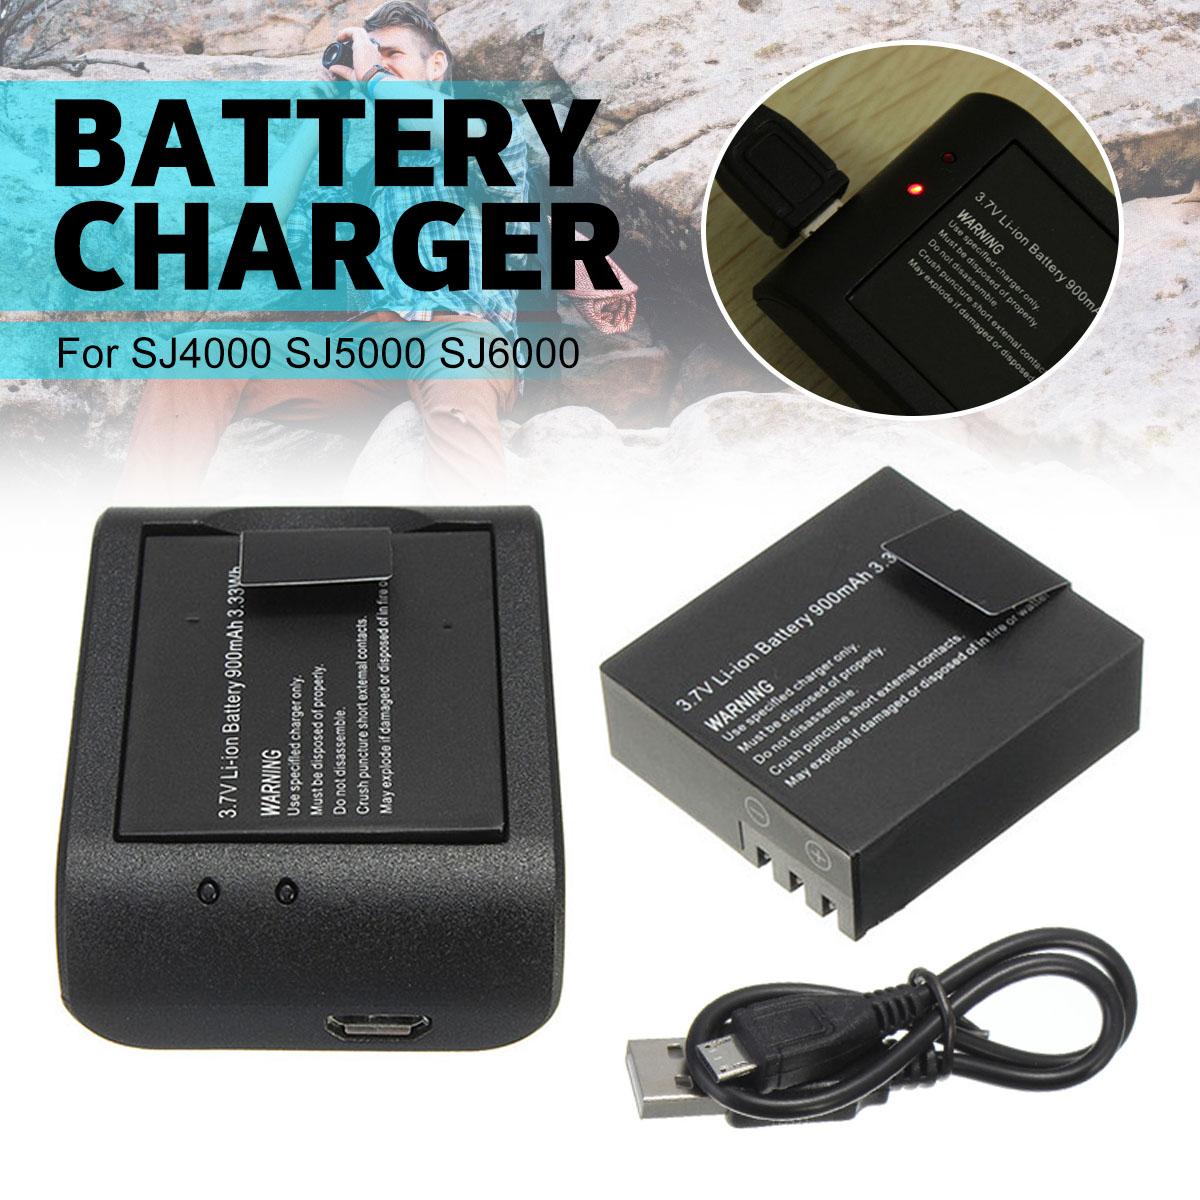 LEORY 2x3,7 V 900 mAh Li-Ion batería + Cable USB cargador de escritorio de carga para SJ4000 SJ5000 SJ6000 acción deportes Cámara DVR